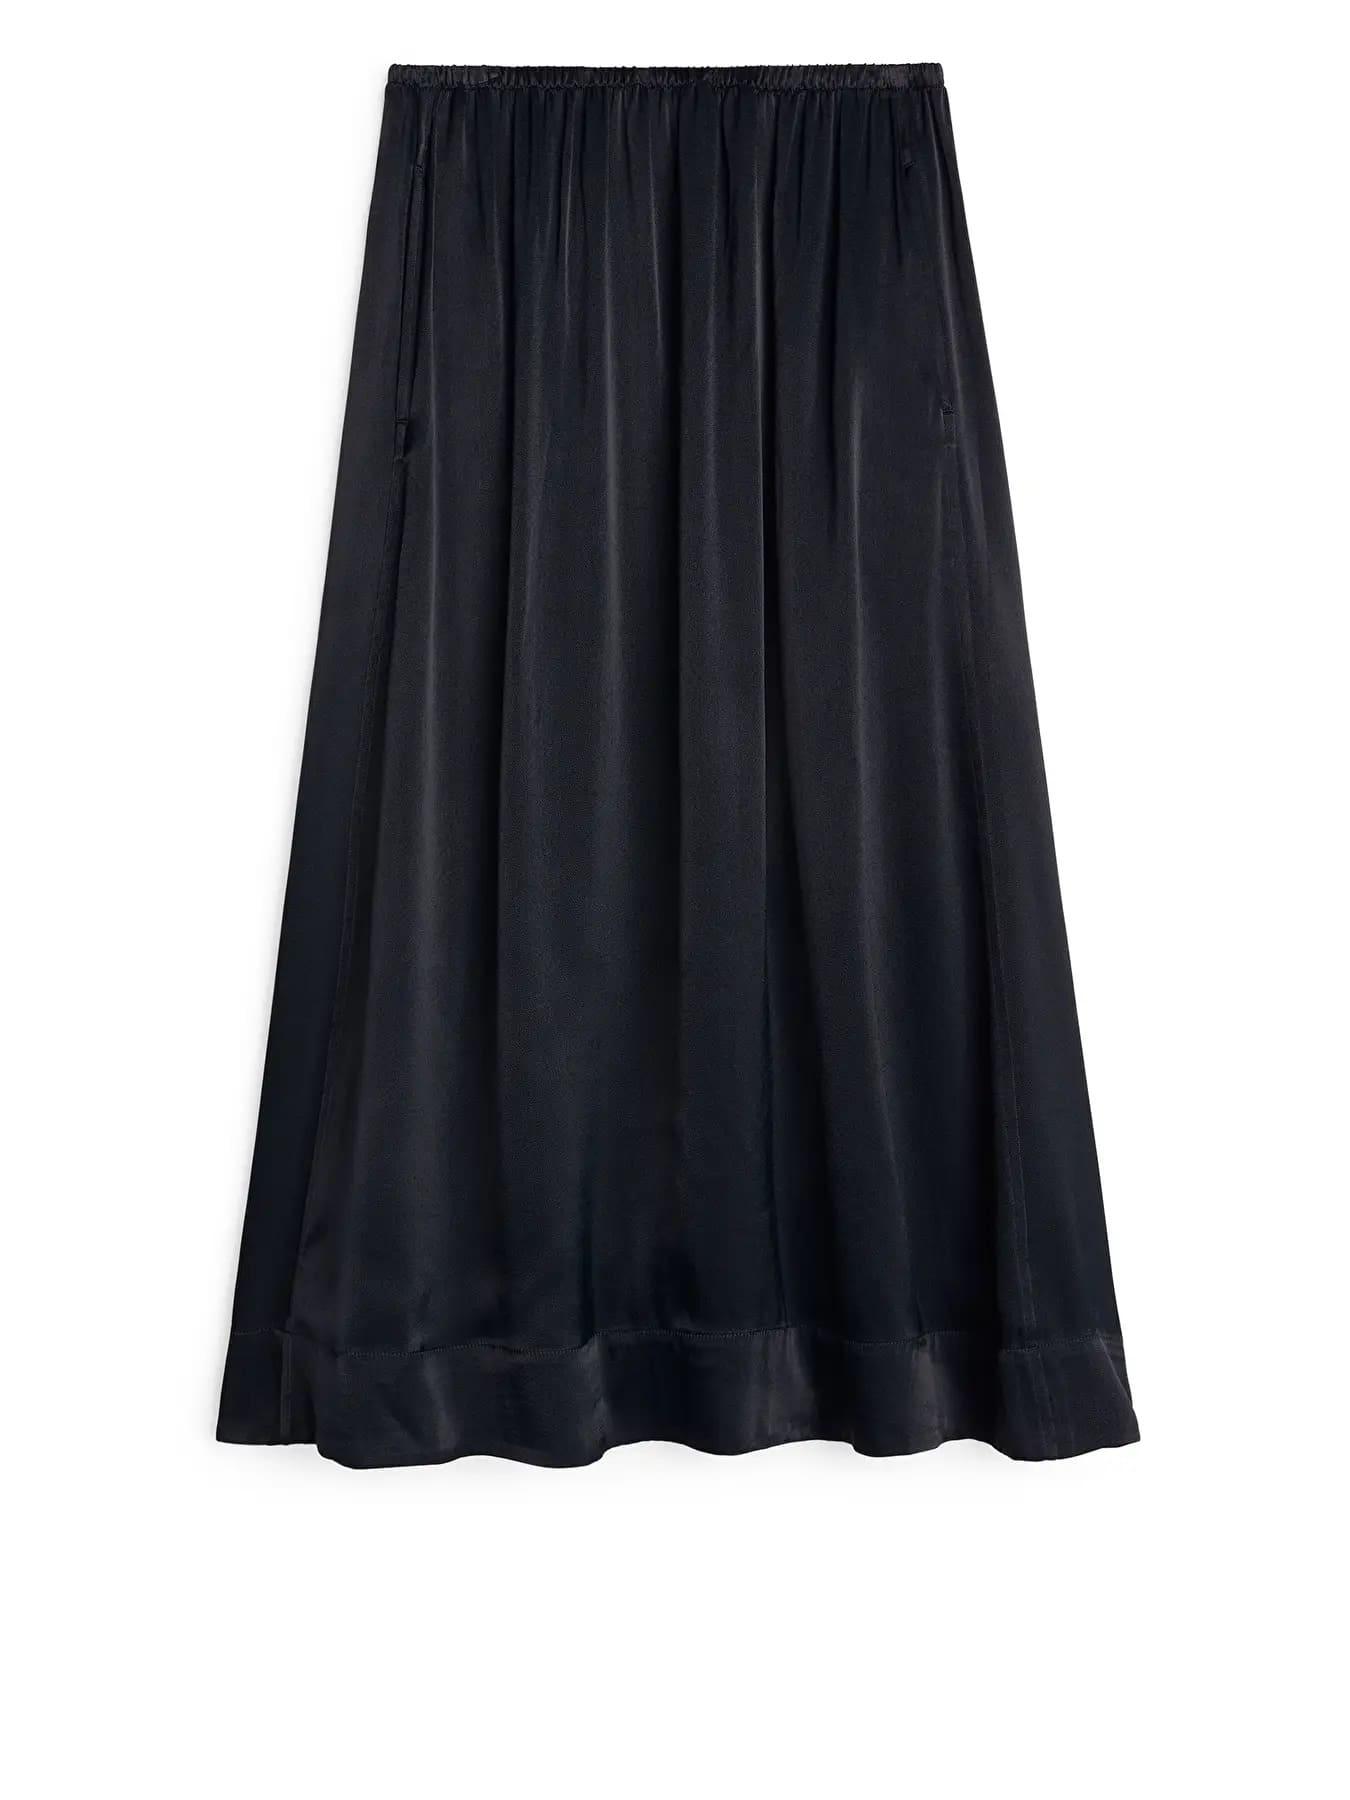 Mörkblå kjol i satin 2021